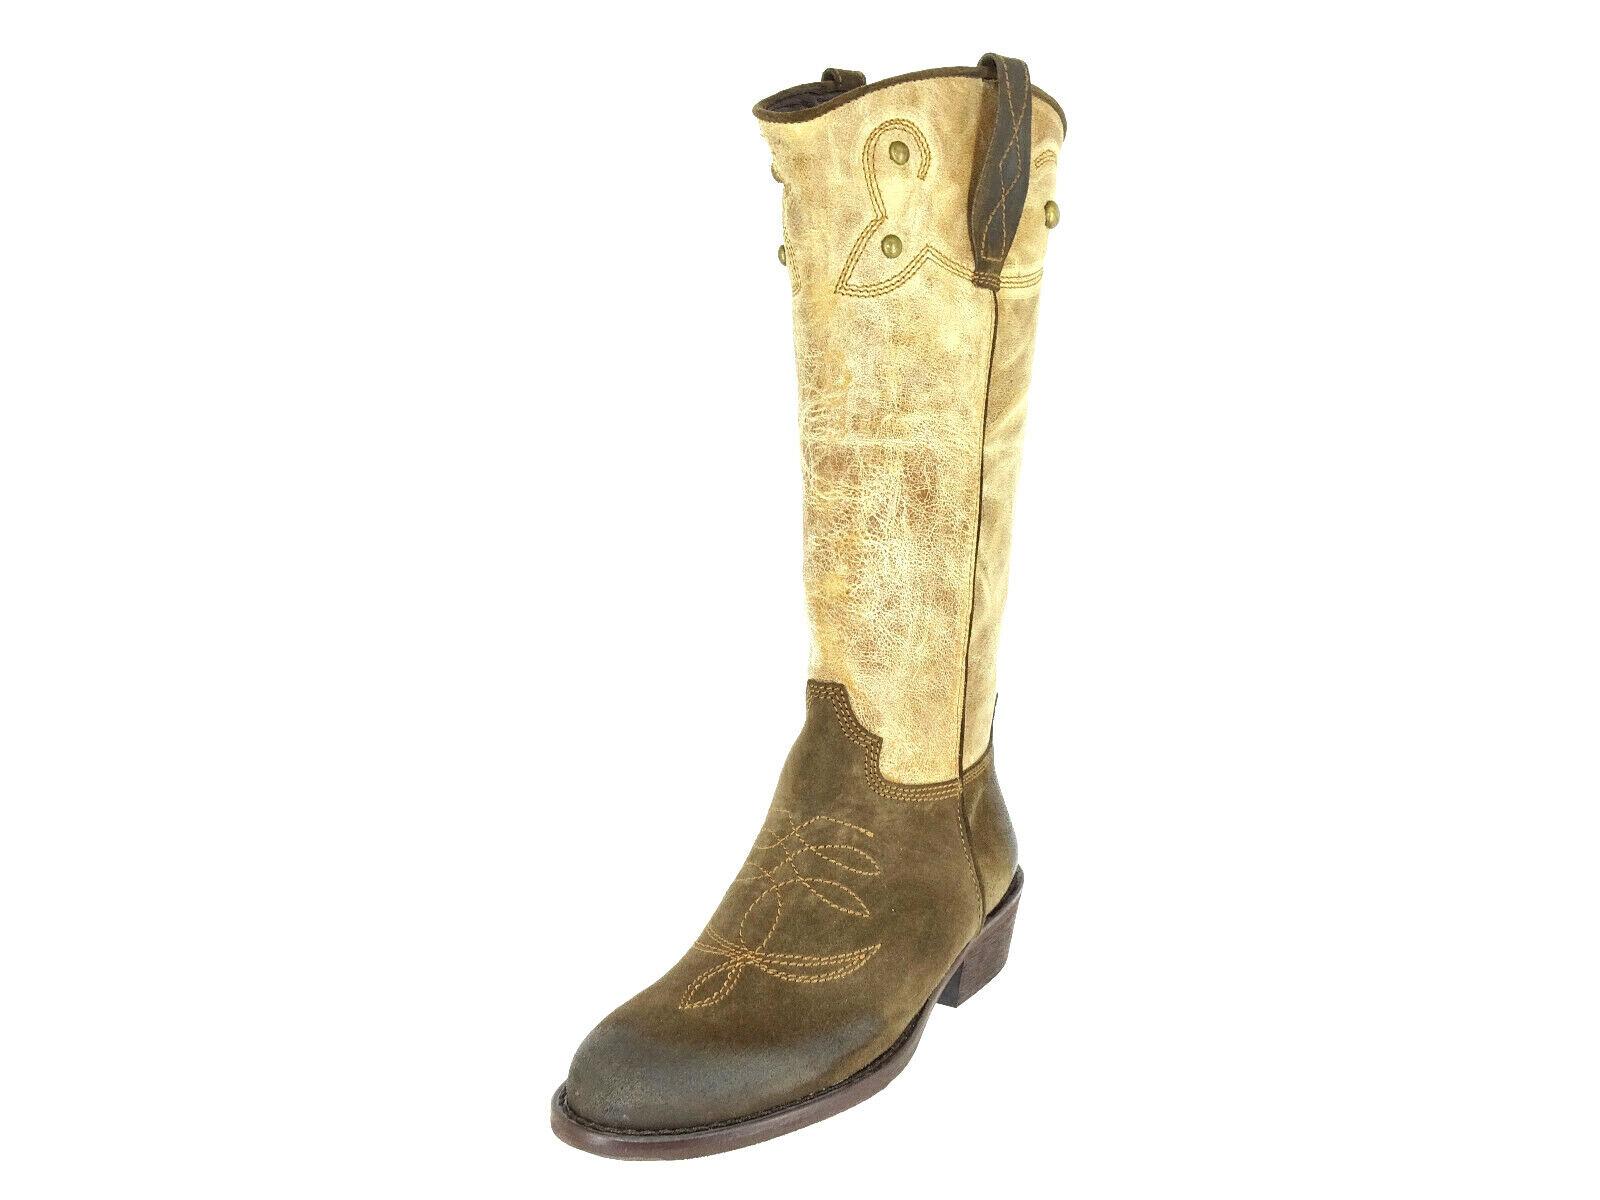 DMN Damen Cowboy Stiefel Mit Nieten Biker Stiefel Westernstiefel Schuhe GR 38